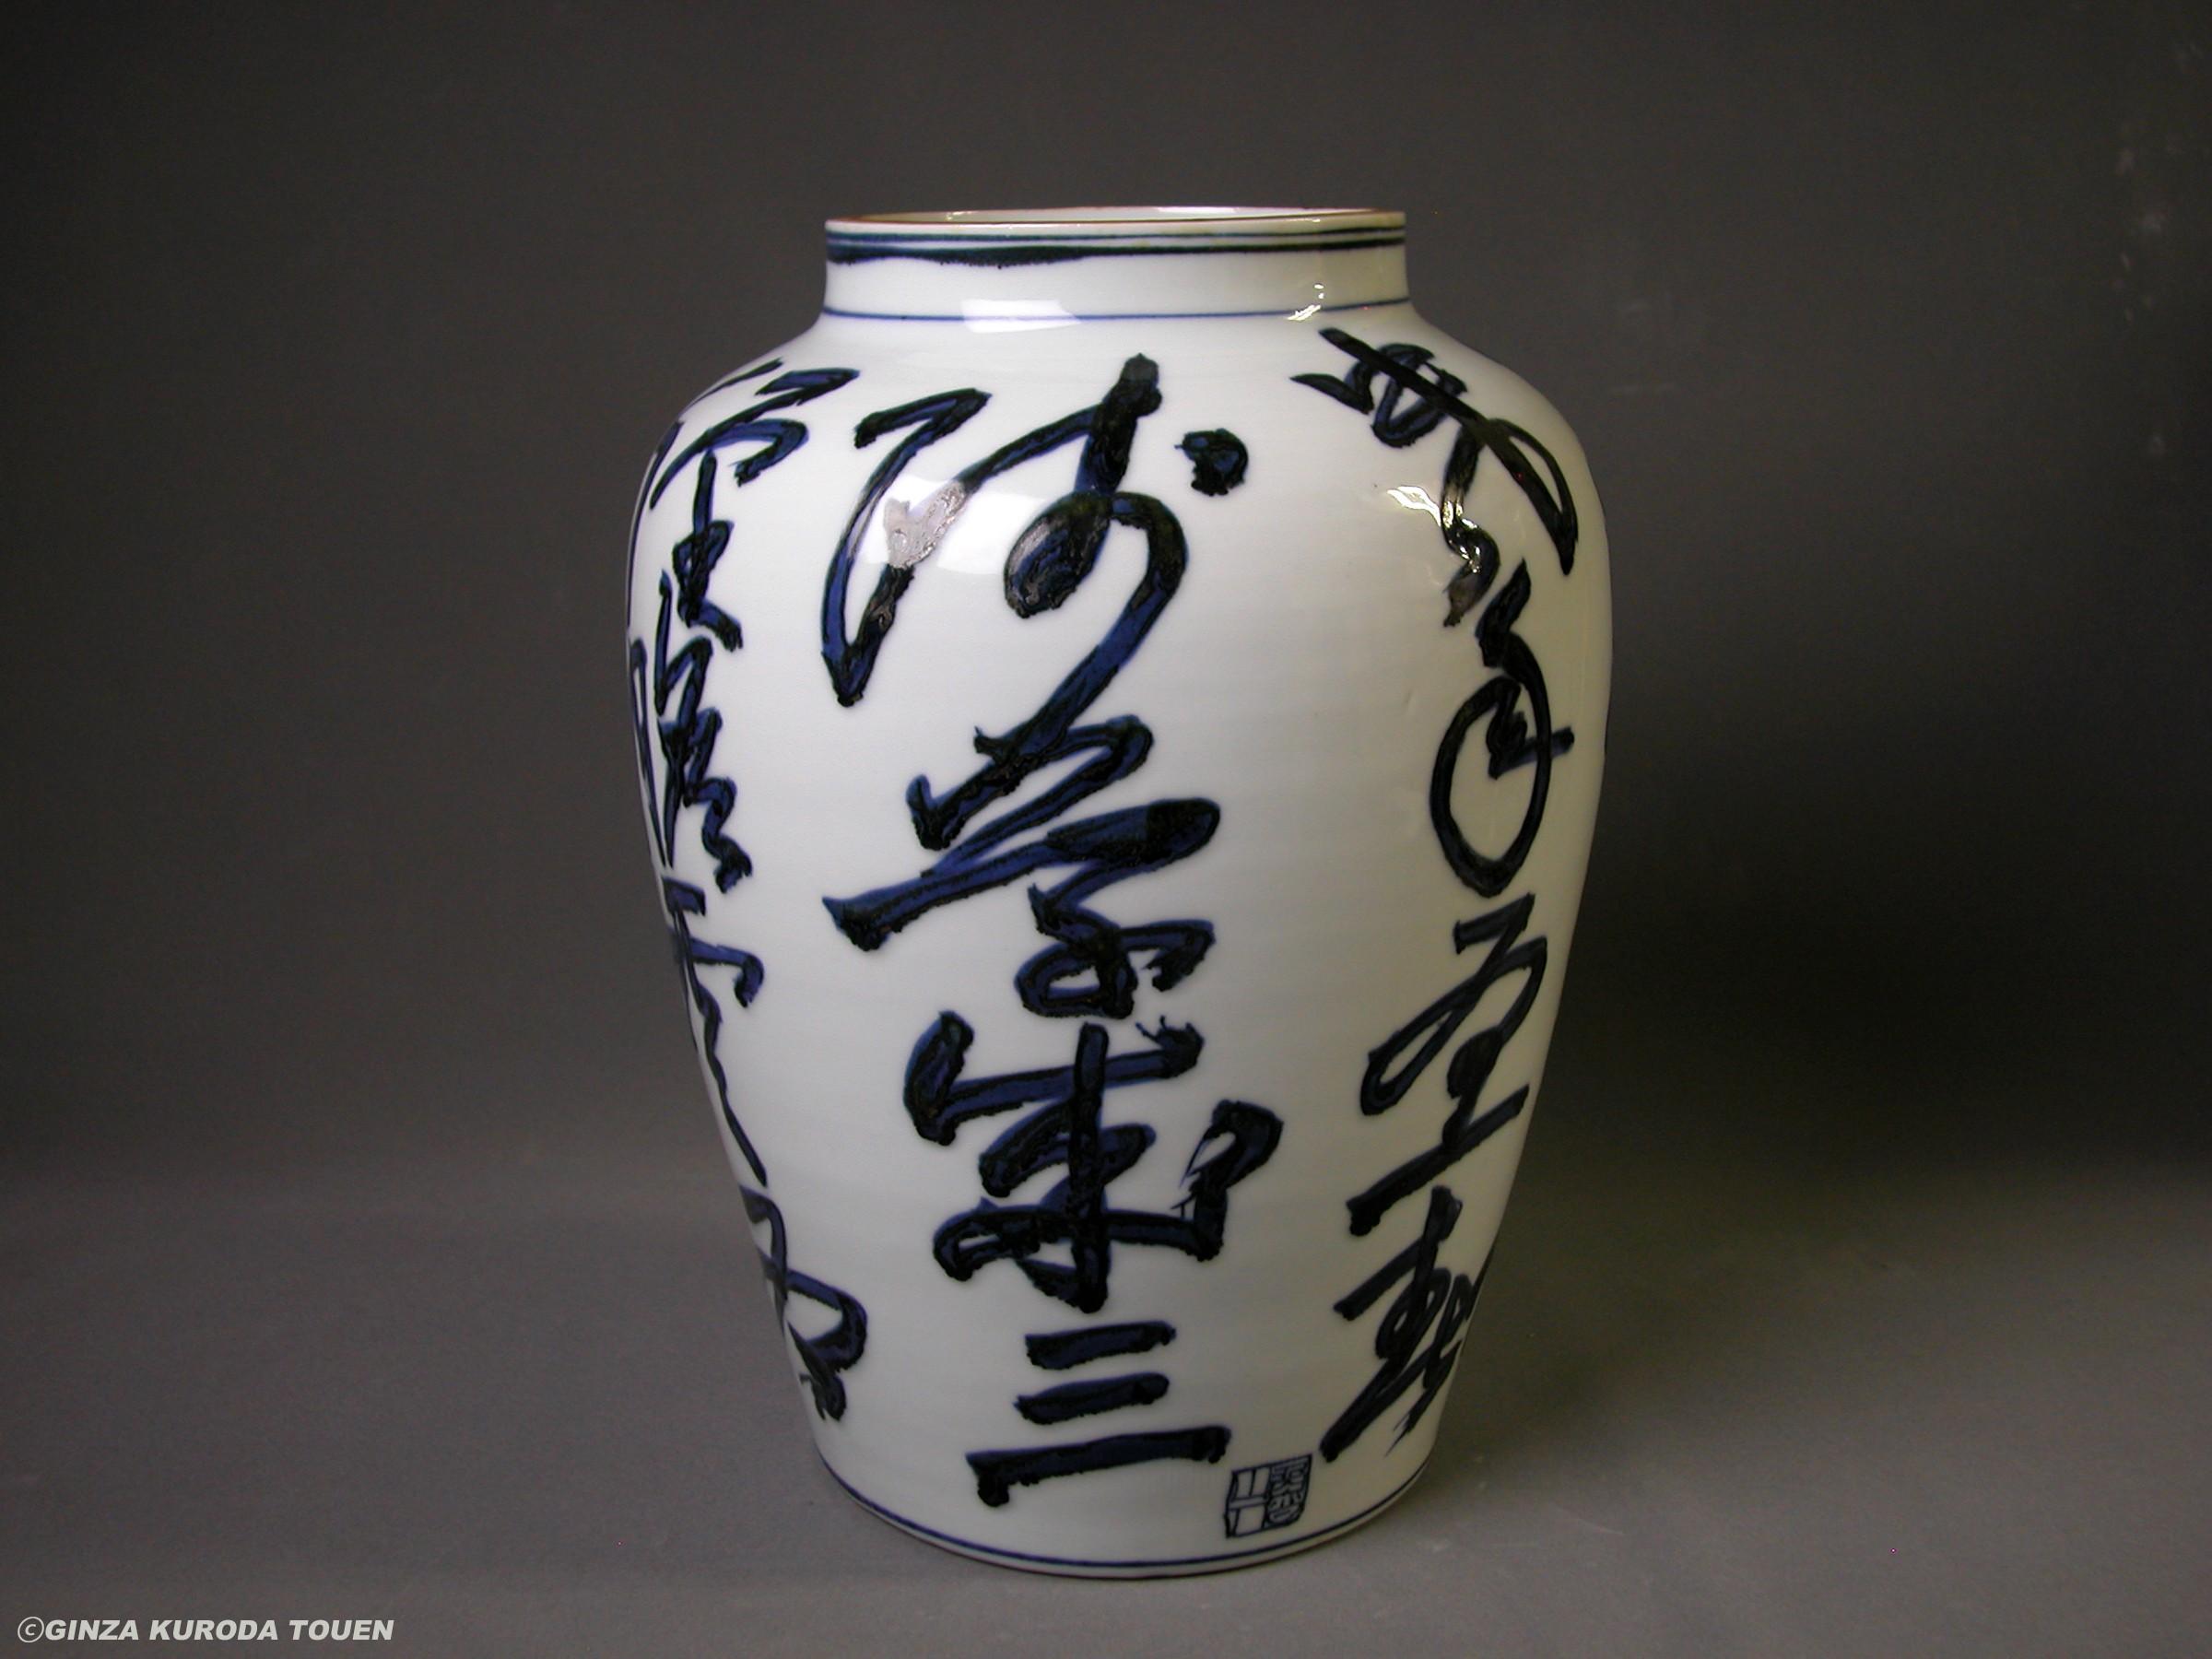 Rosanjin Kitaoji: Flower vase, Sometsuke (Blue and White) type